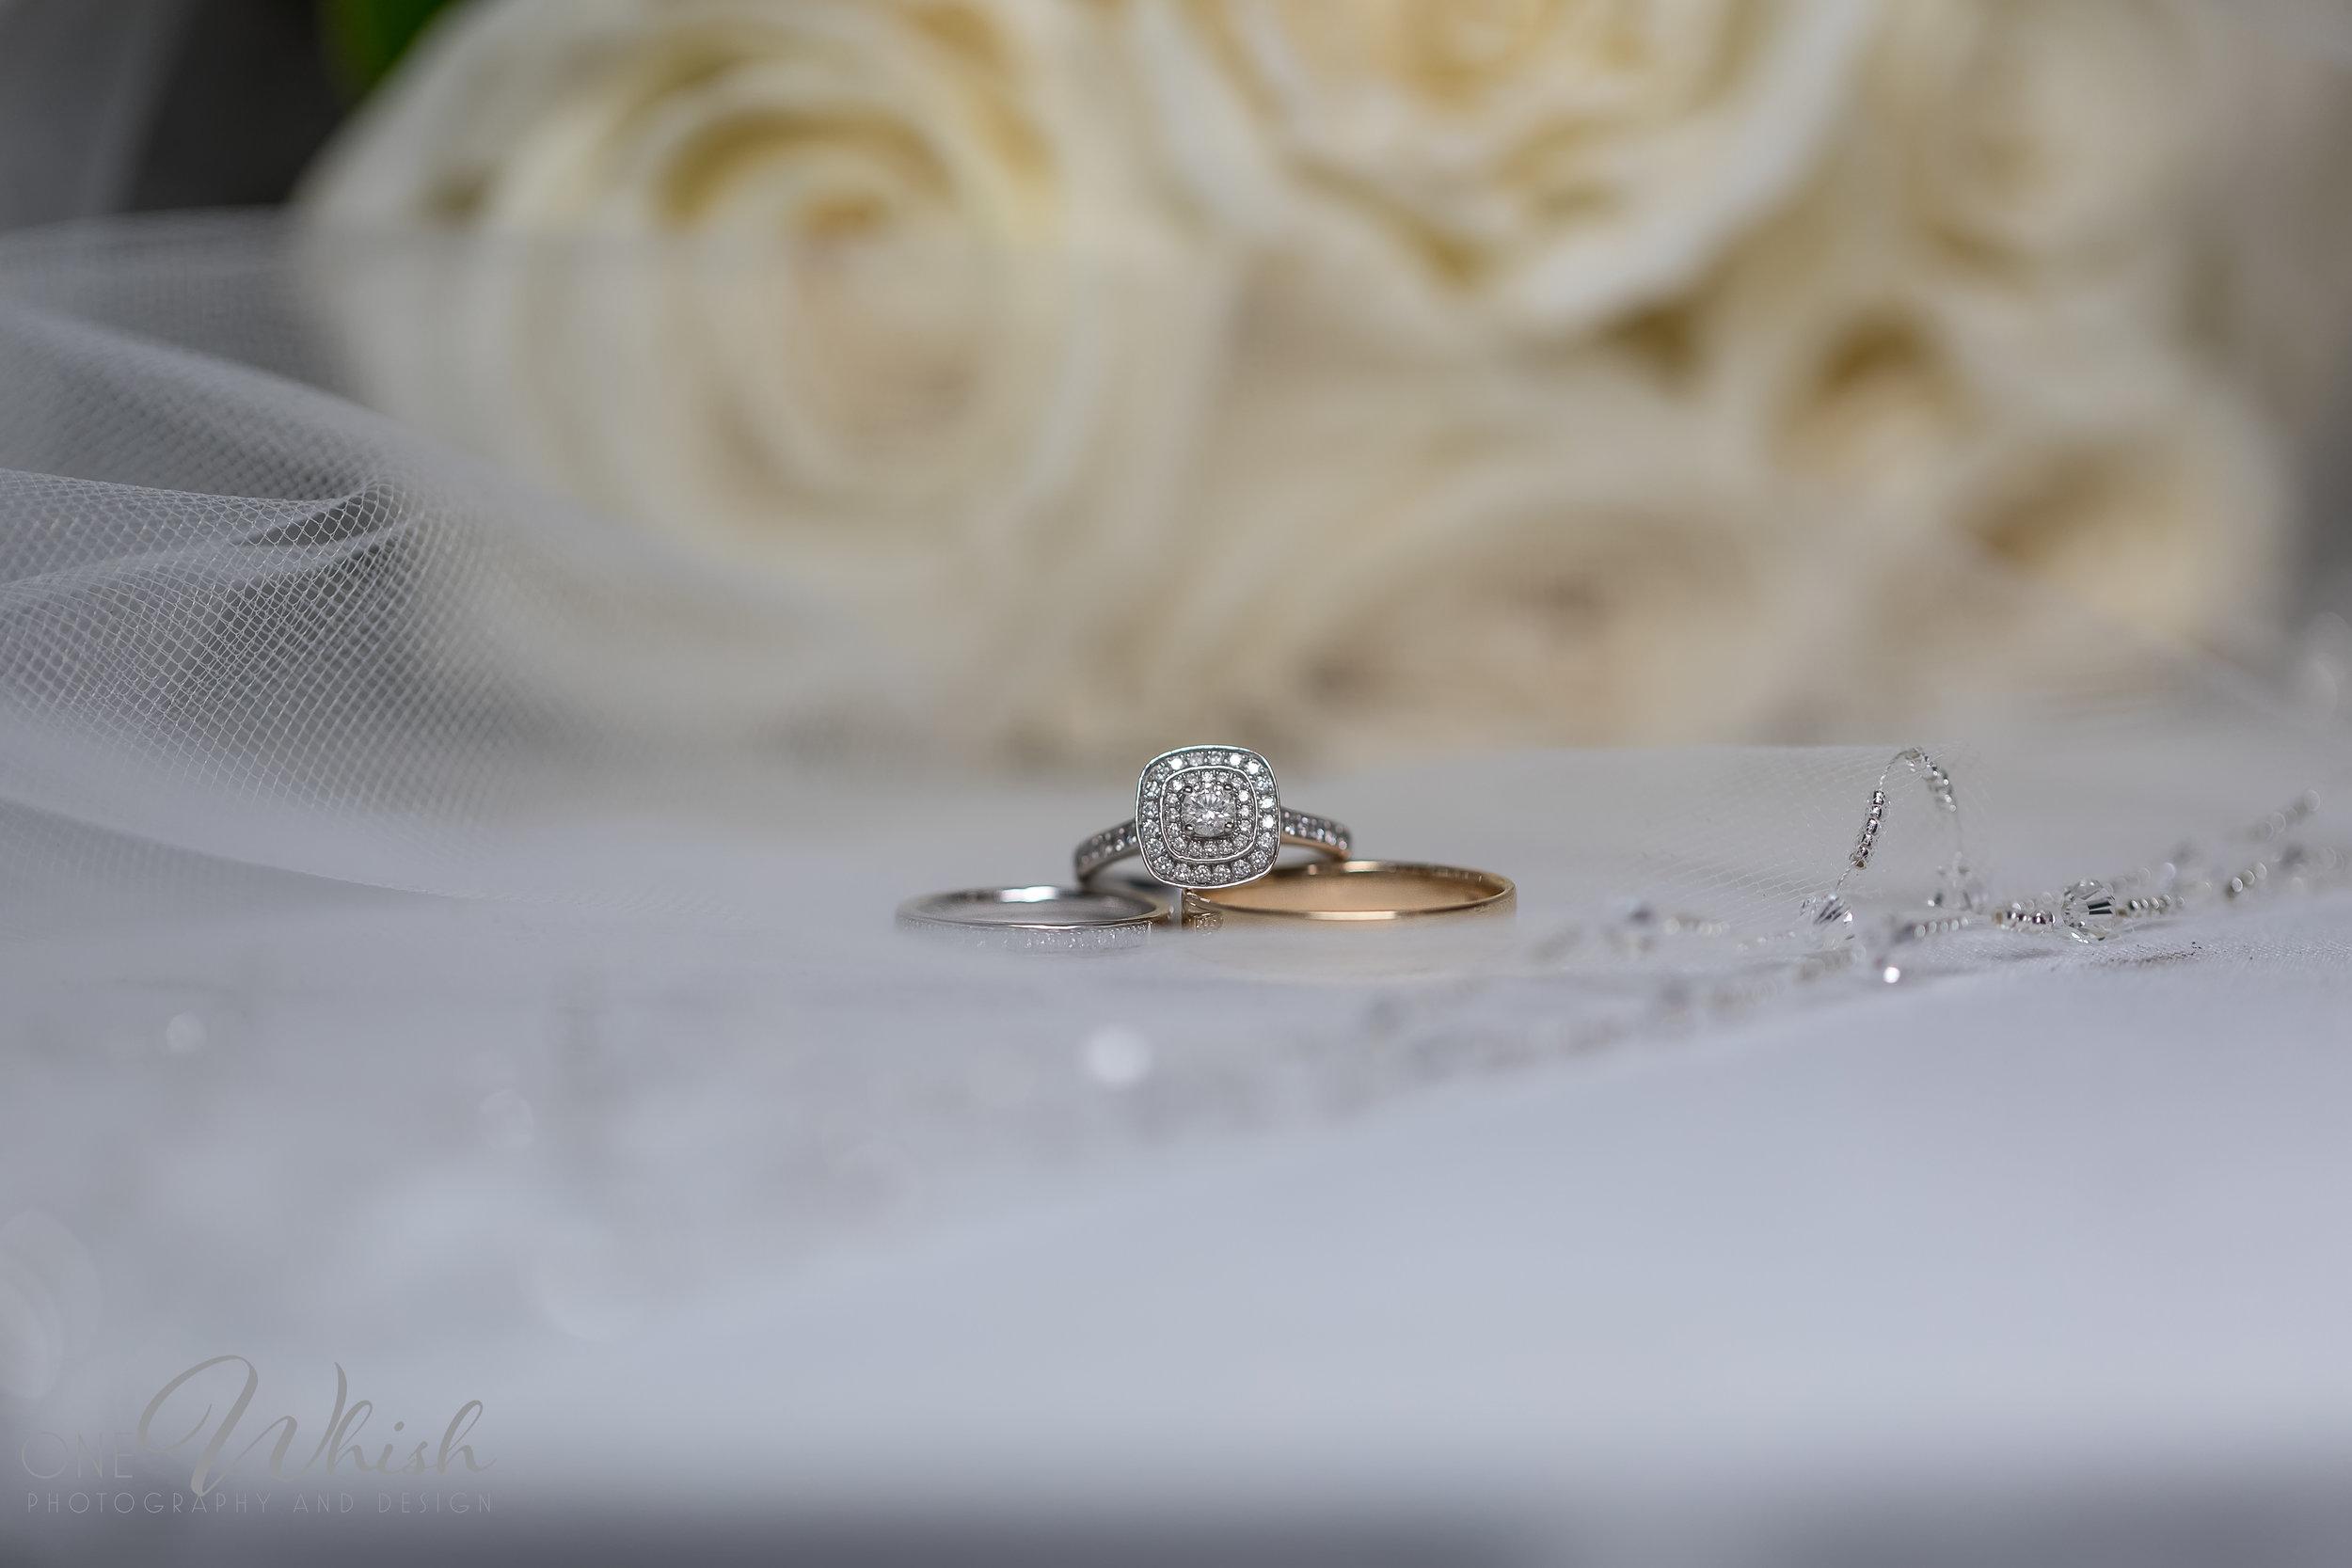 One Whish Photography Weddings Brisbane